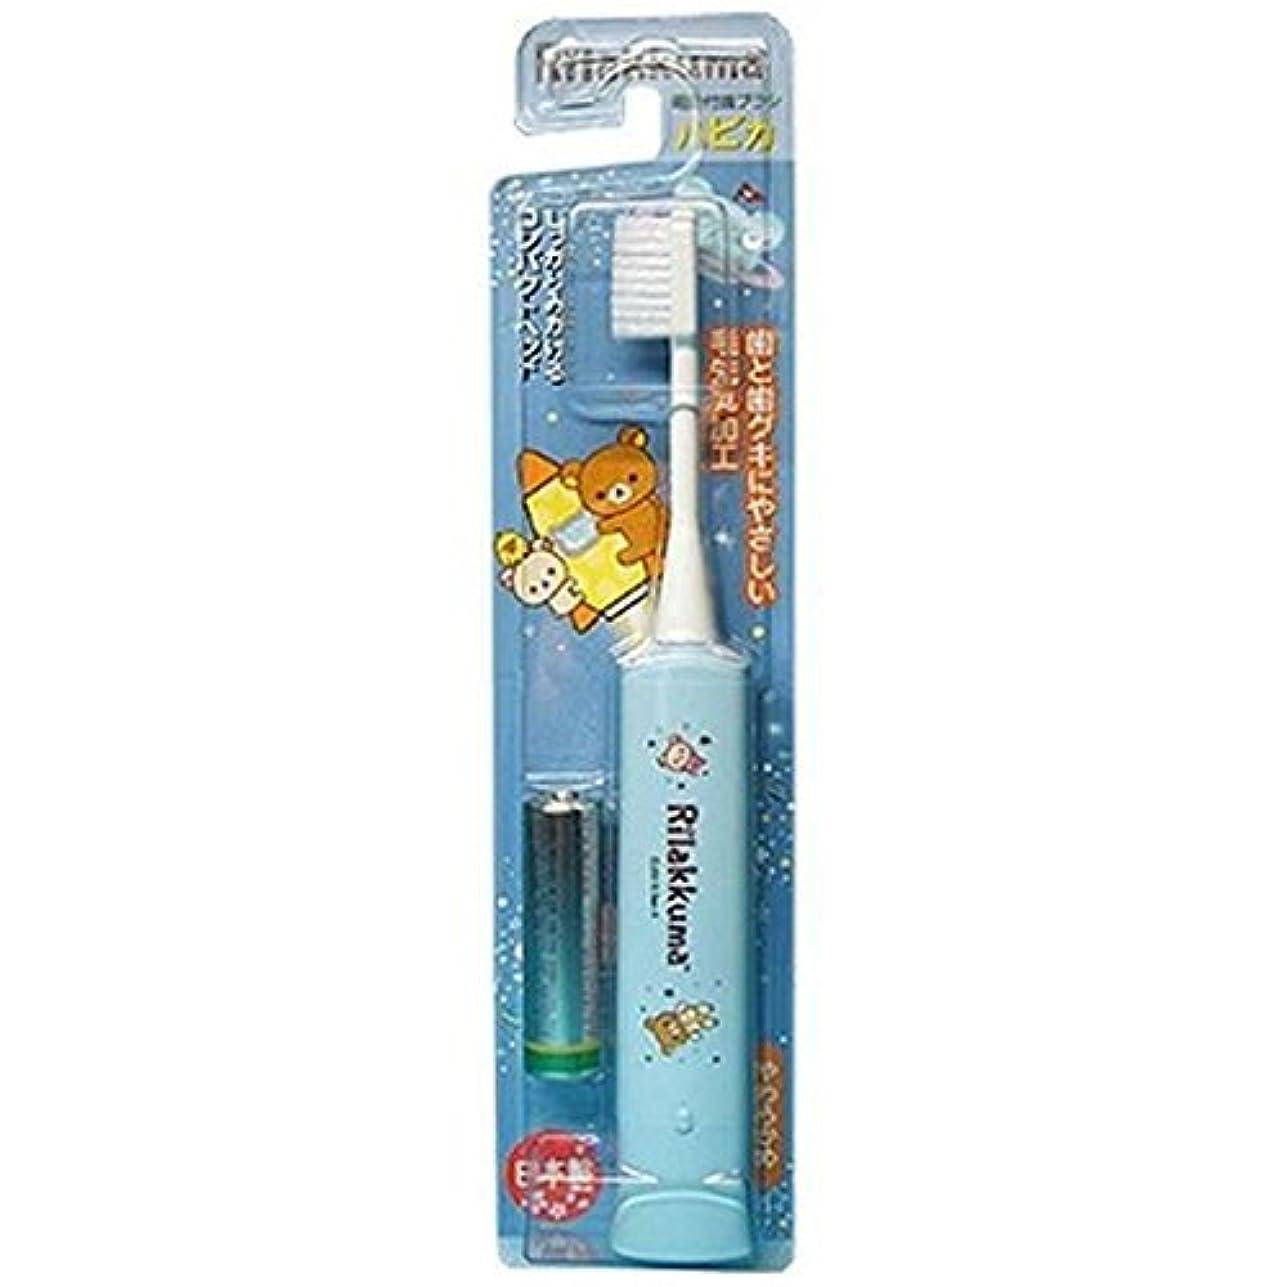 スペルより新年ミニマム 電動付歯ブラシ リラックマハピカ ブルー 毛の硬さ:やわらかめ DBM-5B(RK)